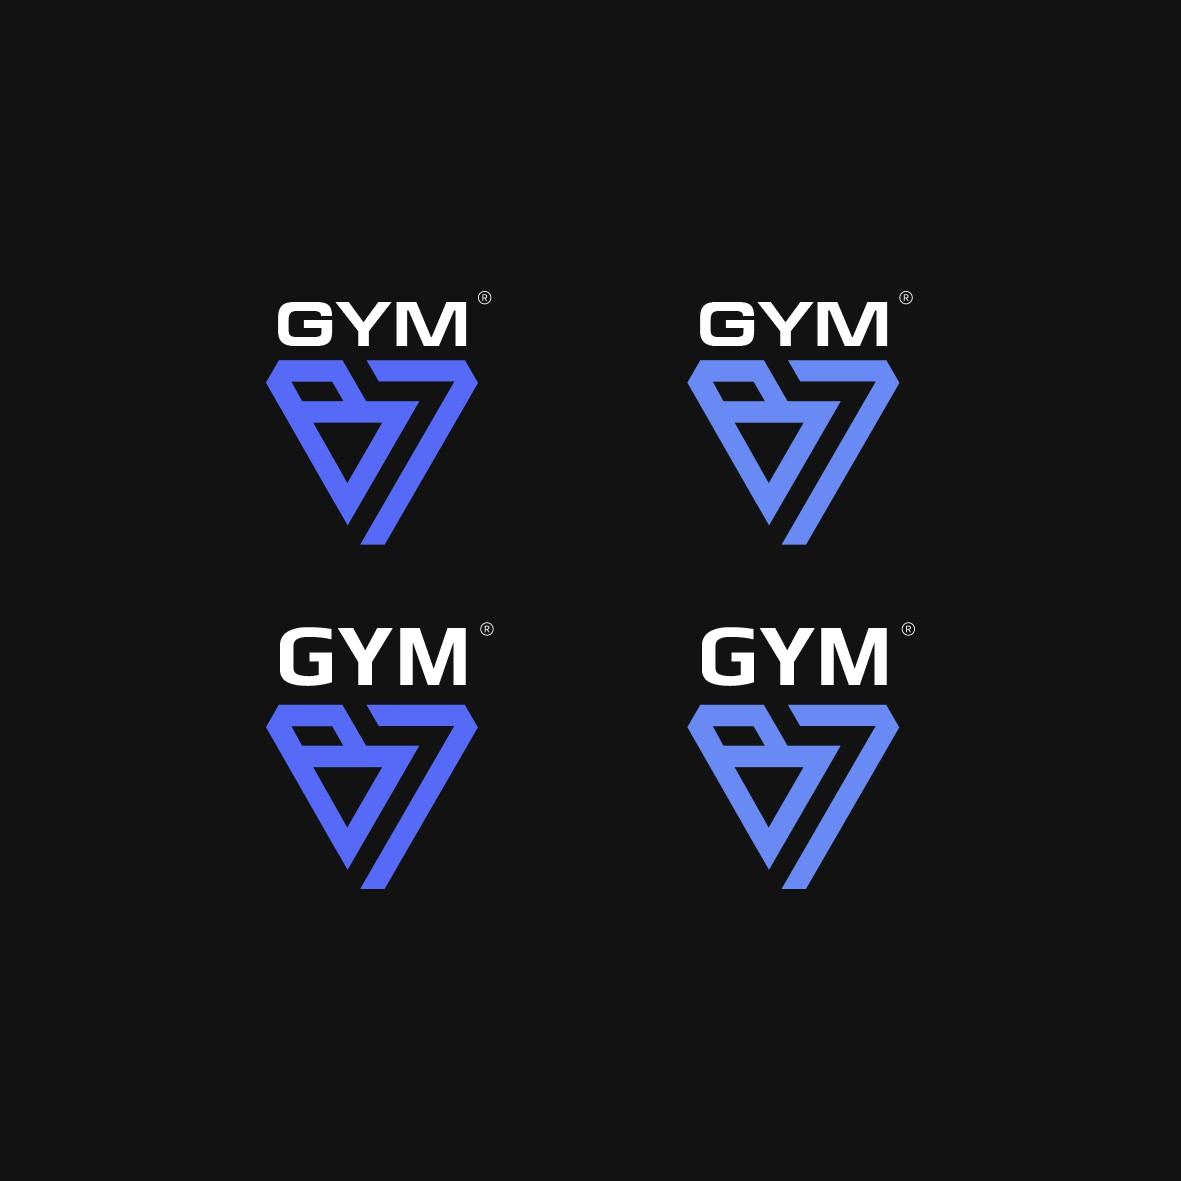 GYM B7  sucht das geilste Logo